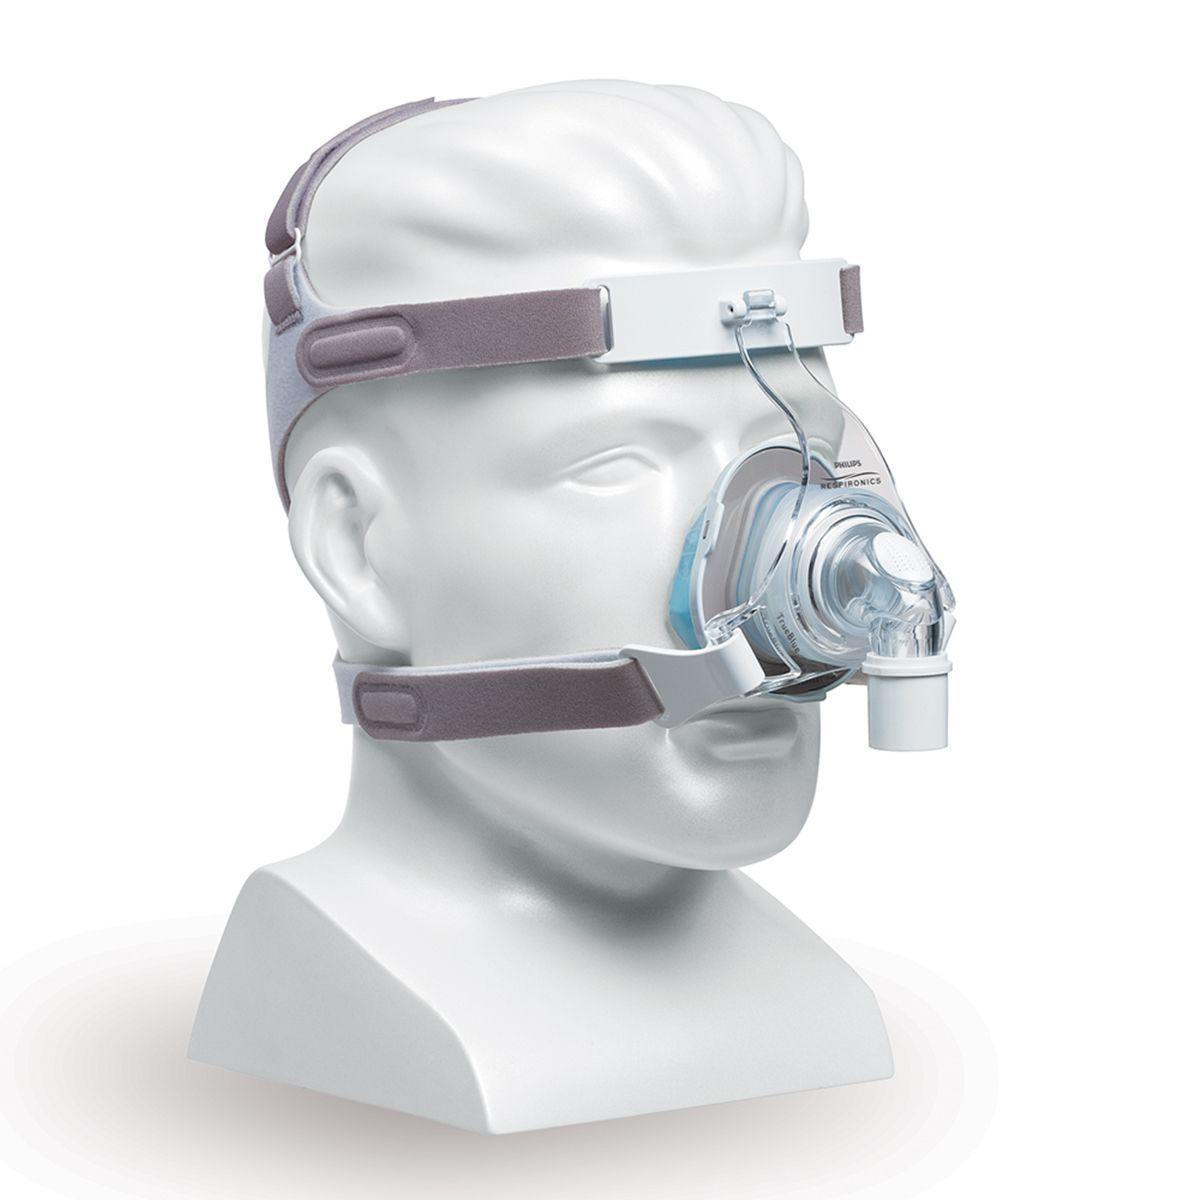 Kit CPAP Automático AirSense 10 AutoSet For Her + umidificador + Máscara Nasal TrueBlue